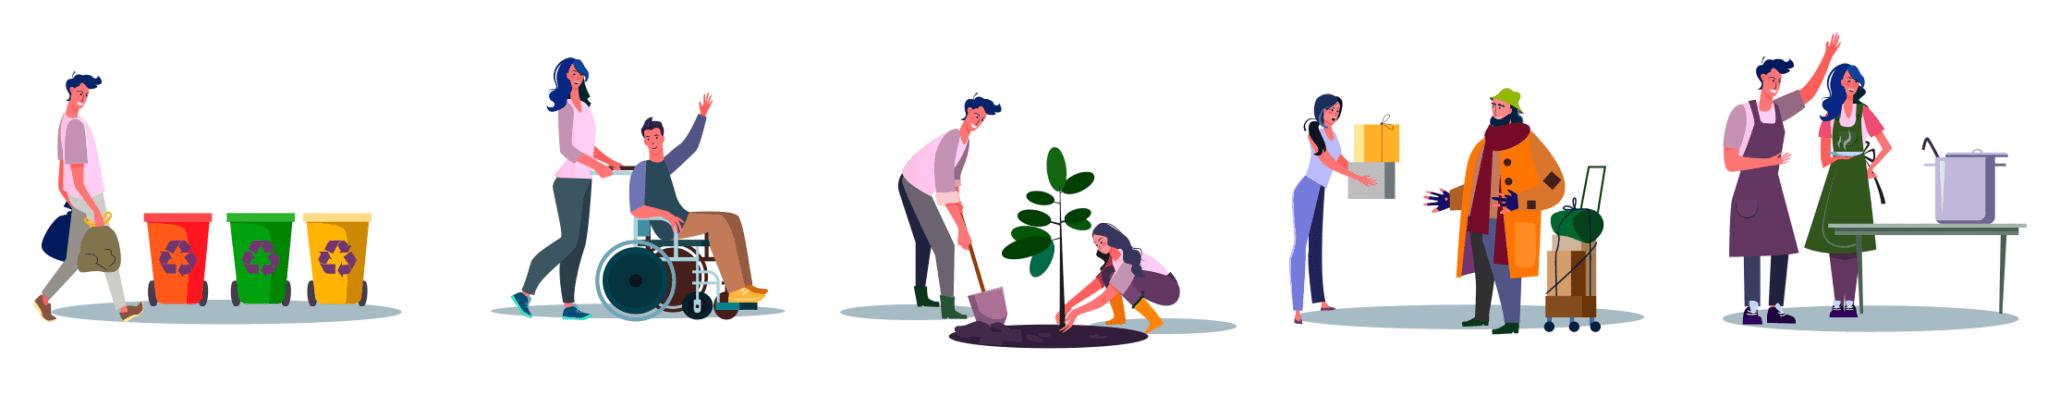 Ilustraciones con personas participando en diferentes tipos de voluntariados